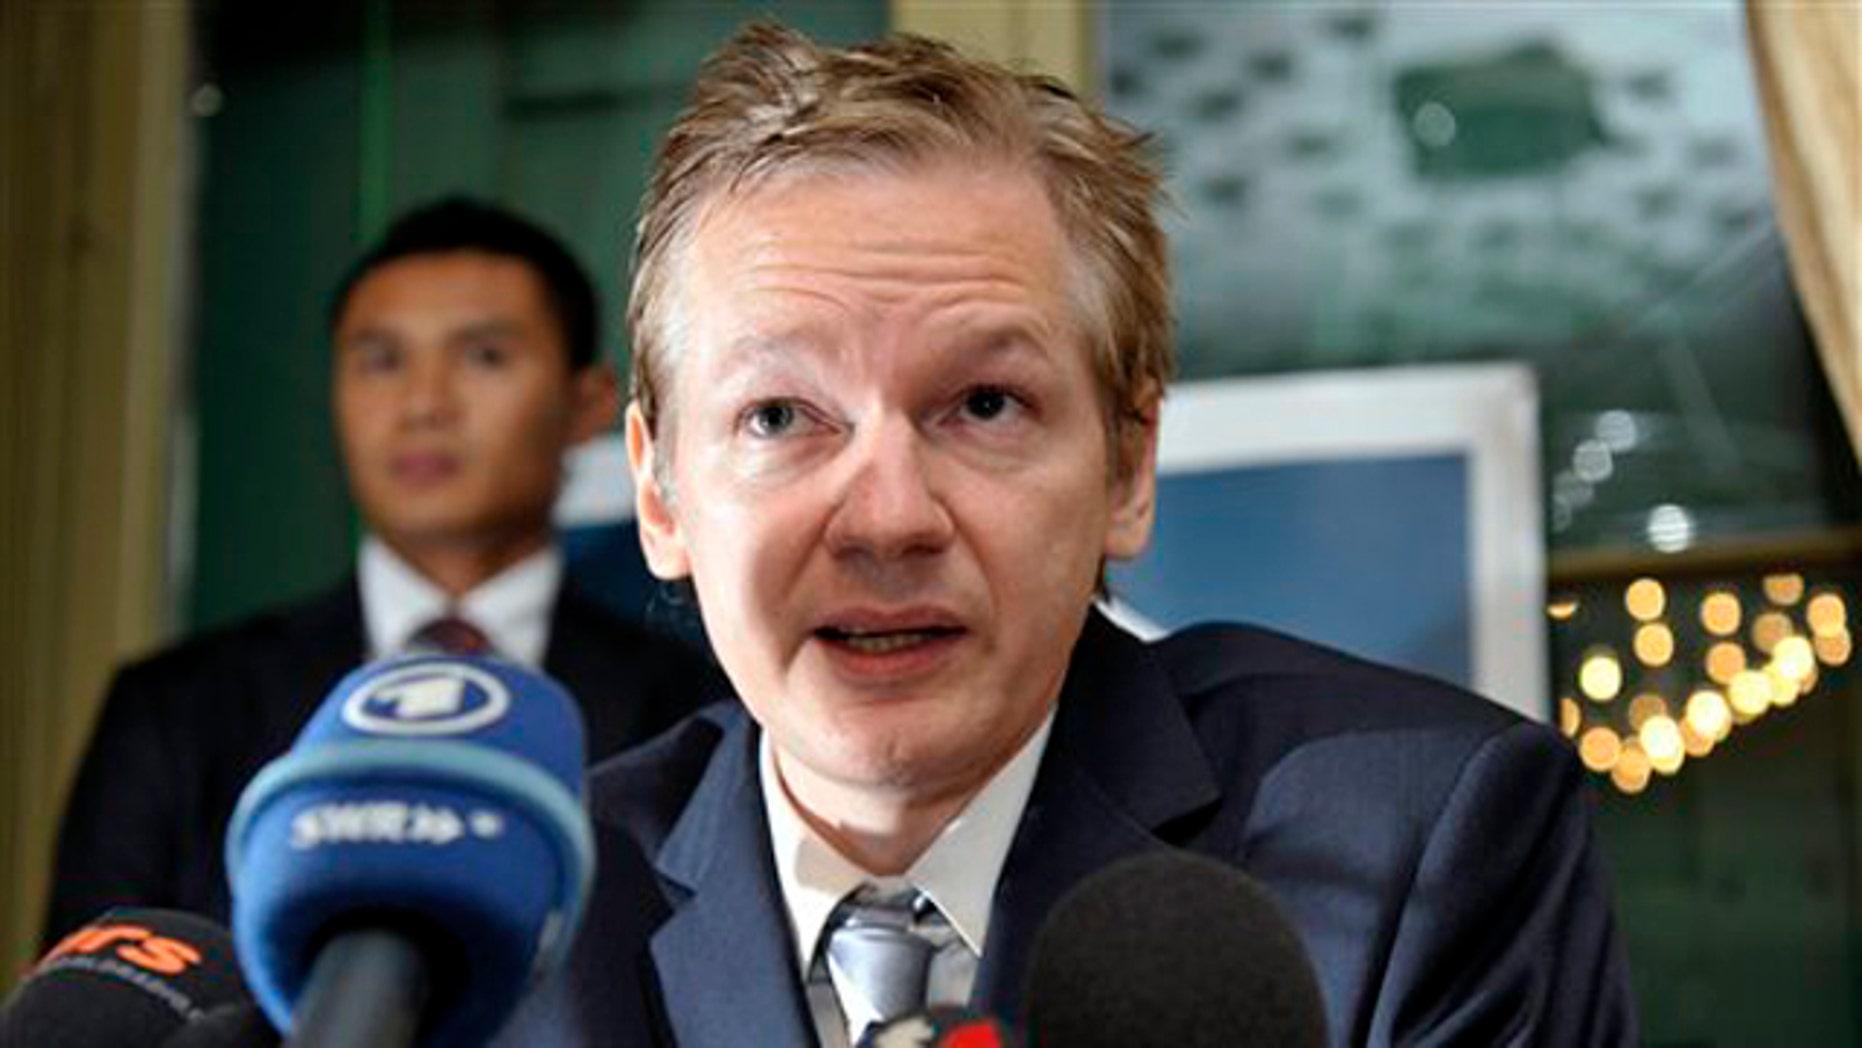 WikiLeak's founder Julian Assange